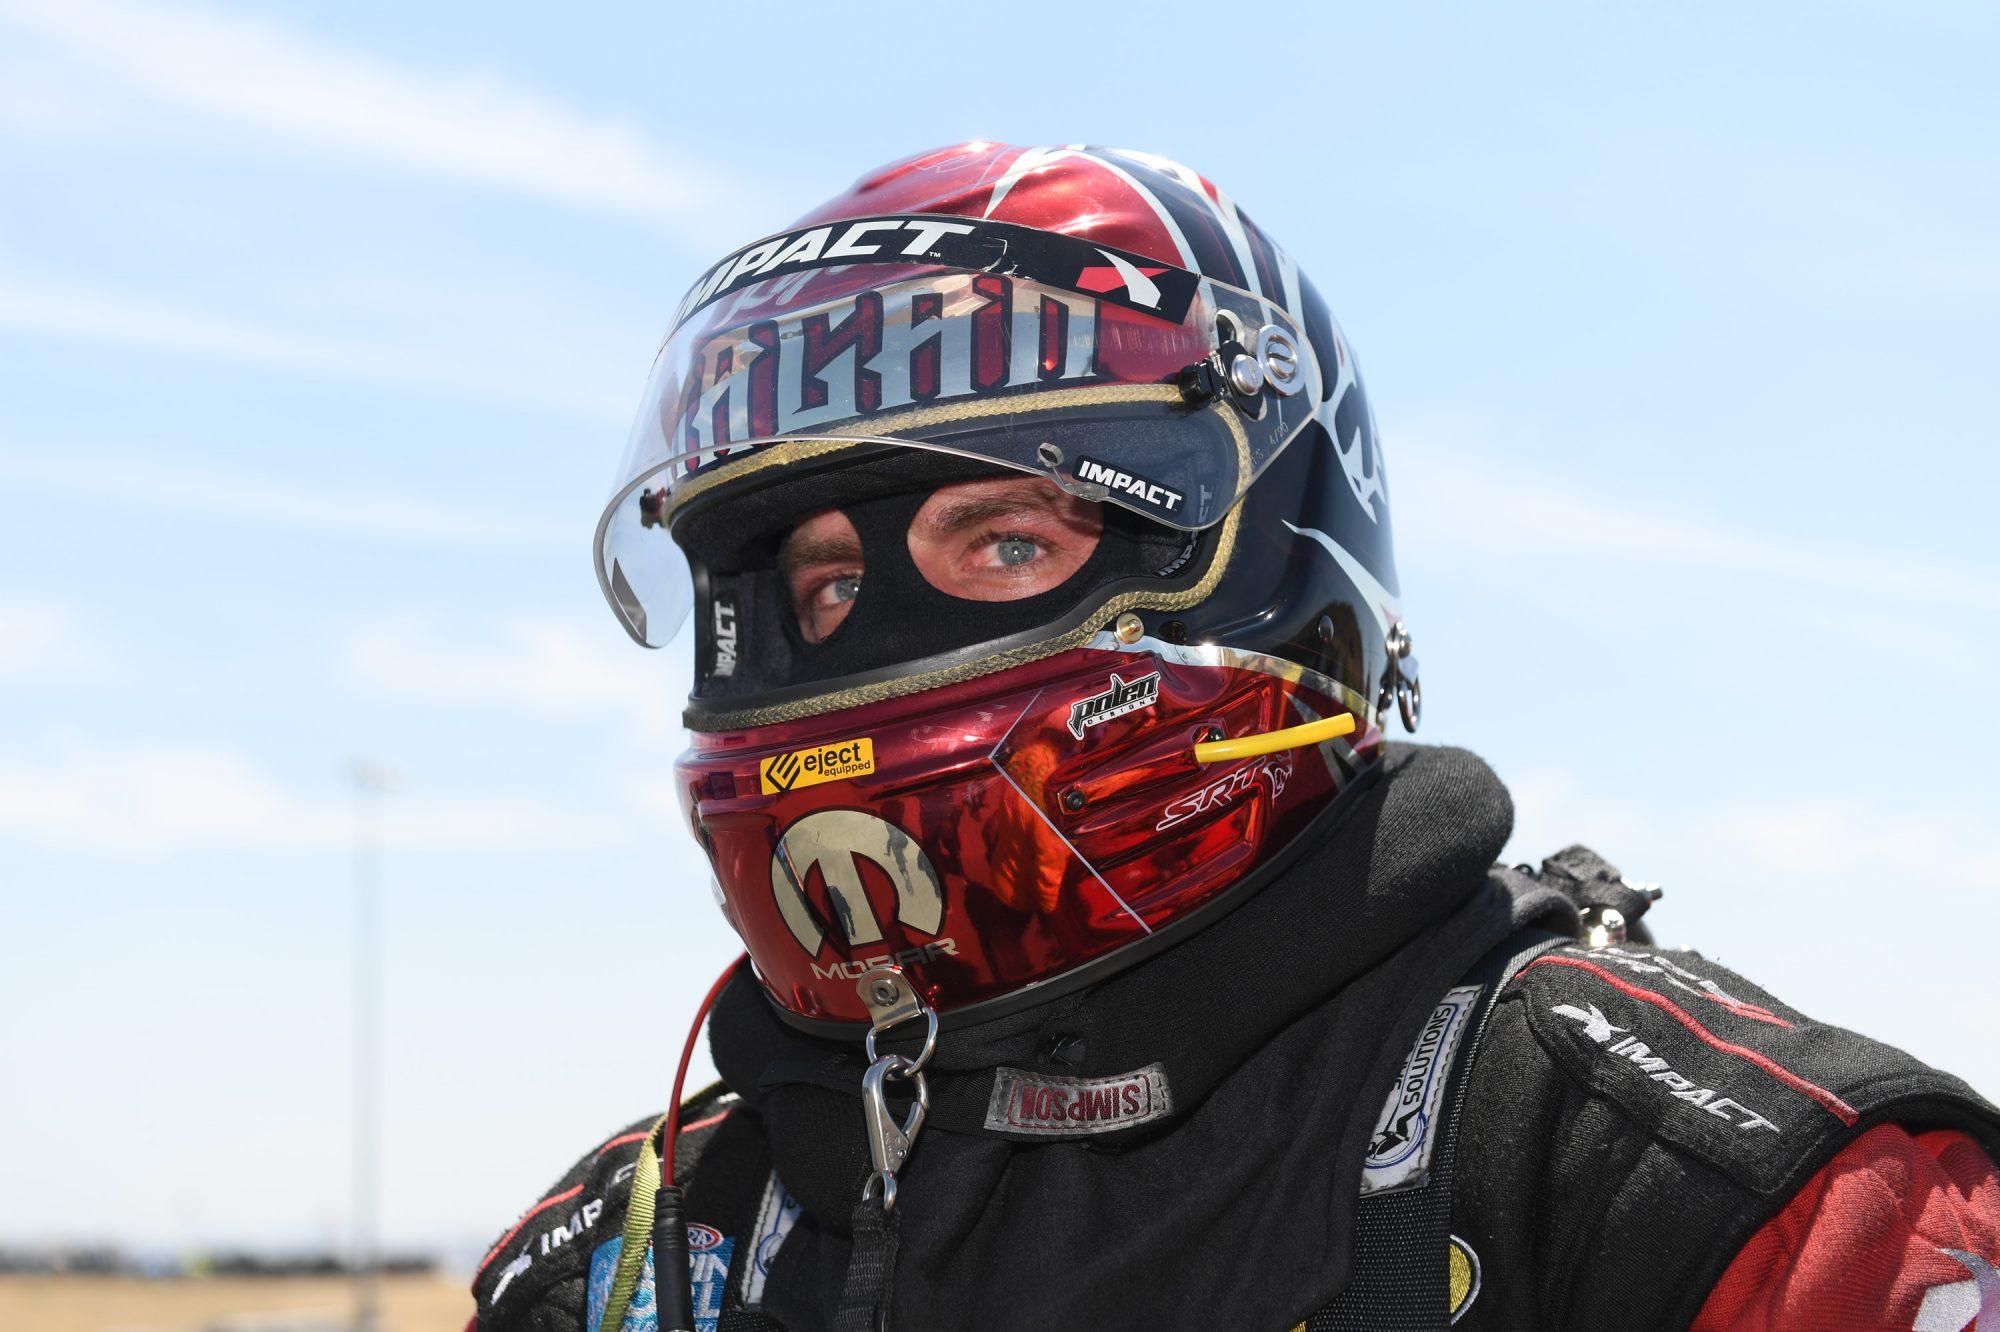 Matt Hagan in his racing suit